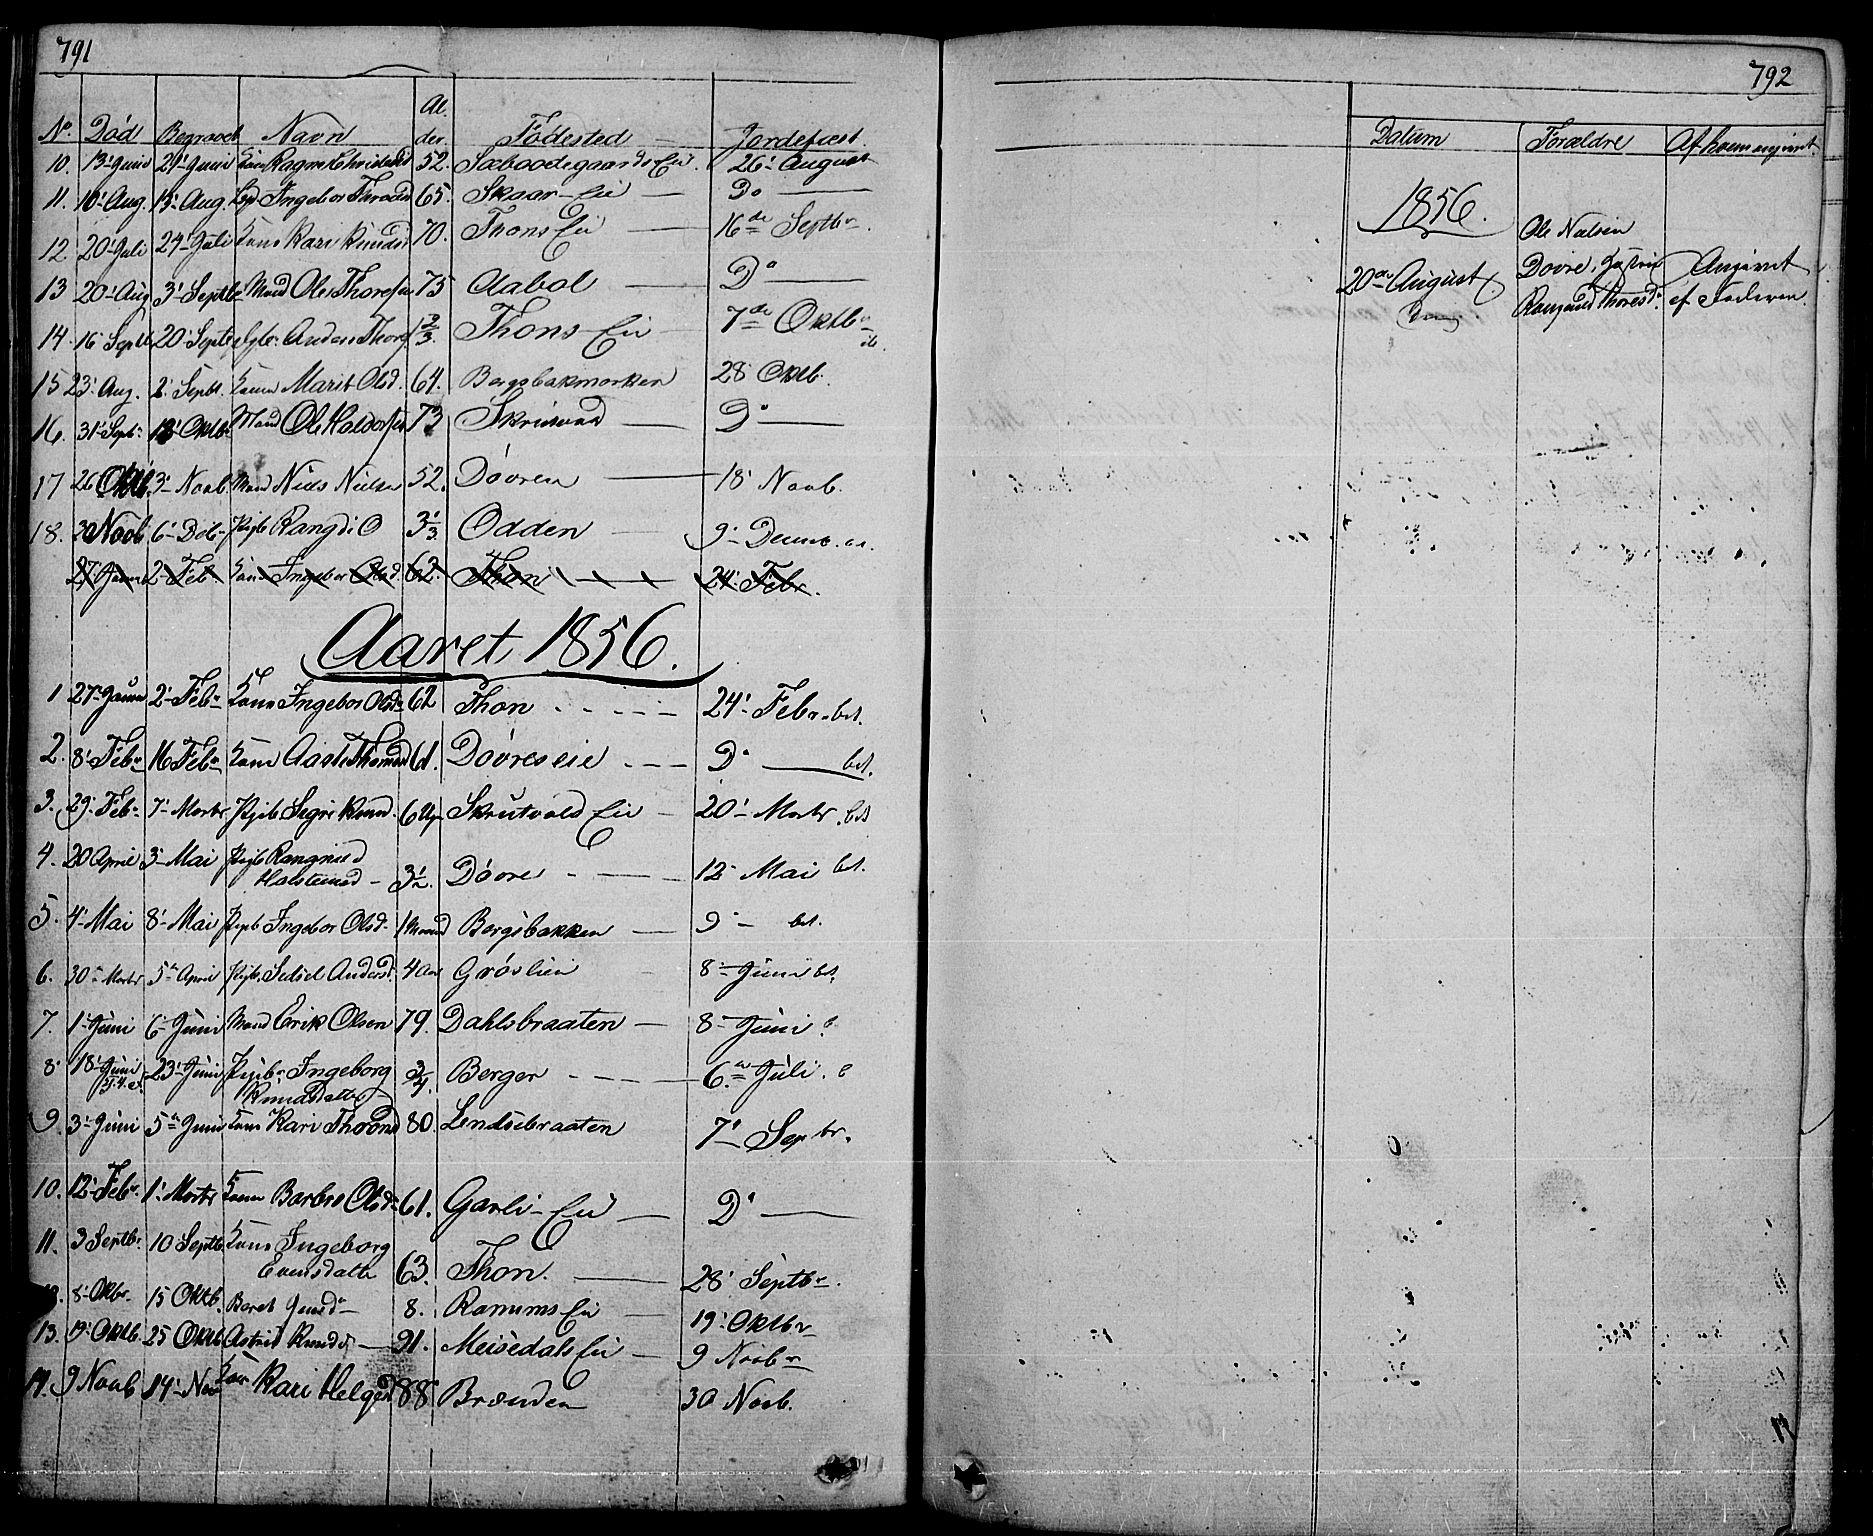 SAH, Nord-Aurdal prestekontor, Klokkerbok nr. 1, 1834-1887, s. 791-792